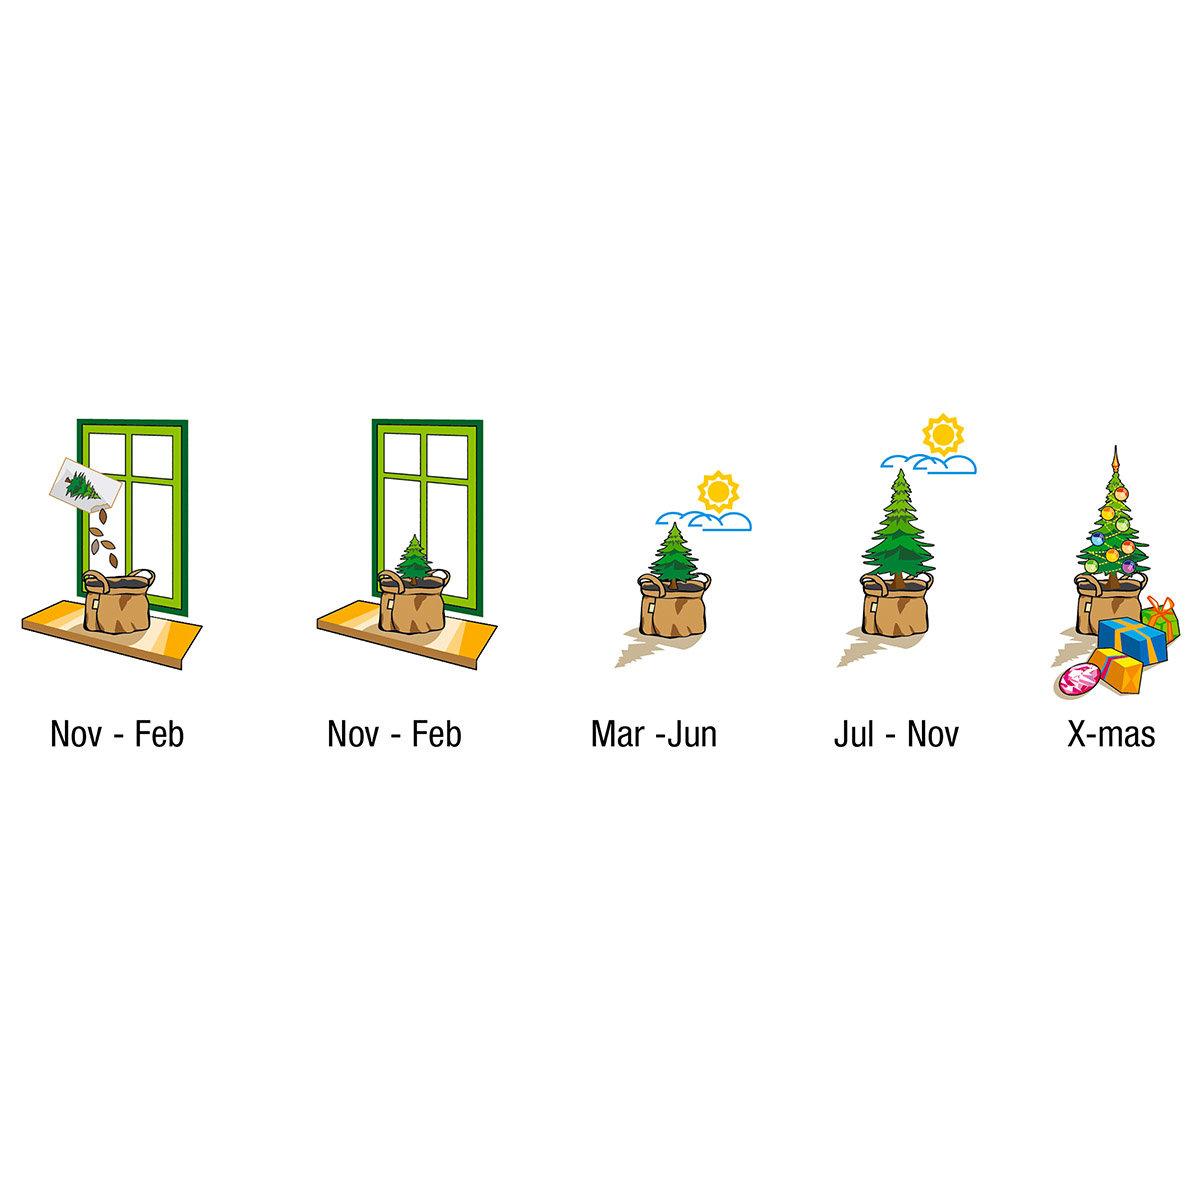 Weihnachtsbäumchen Saatgut im Jute-Anzuchtbeutel, inkl. 6 Liter Erde und Weihnachtskarte | #2